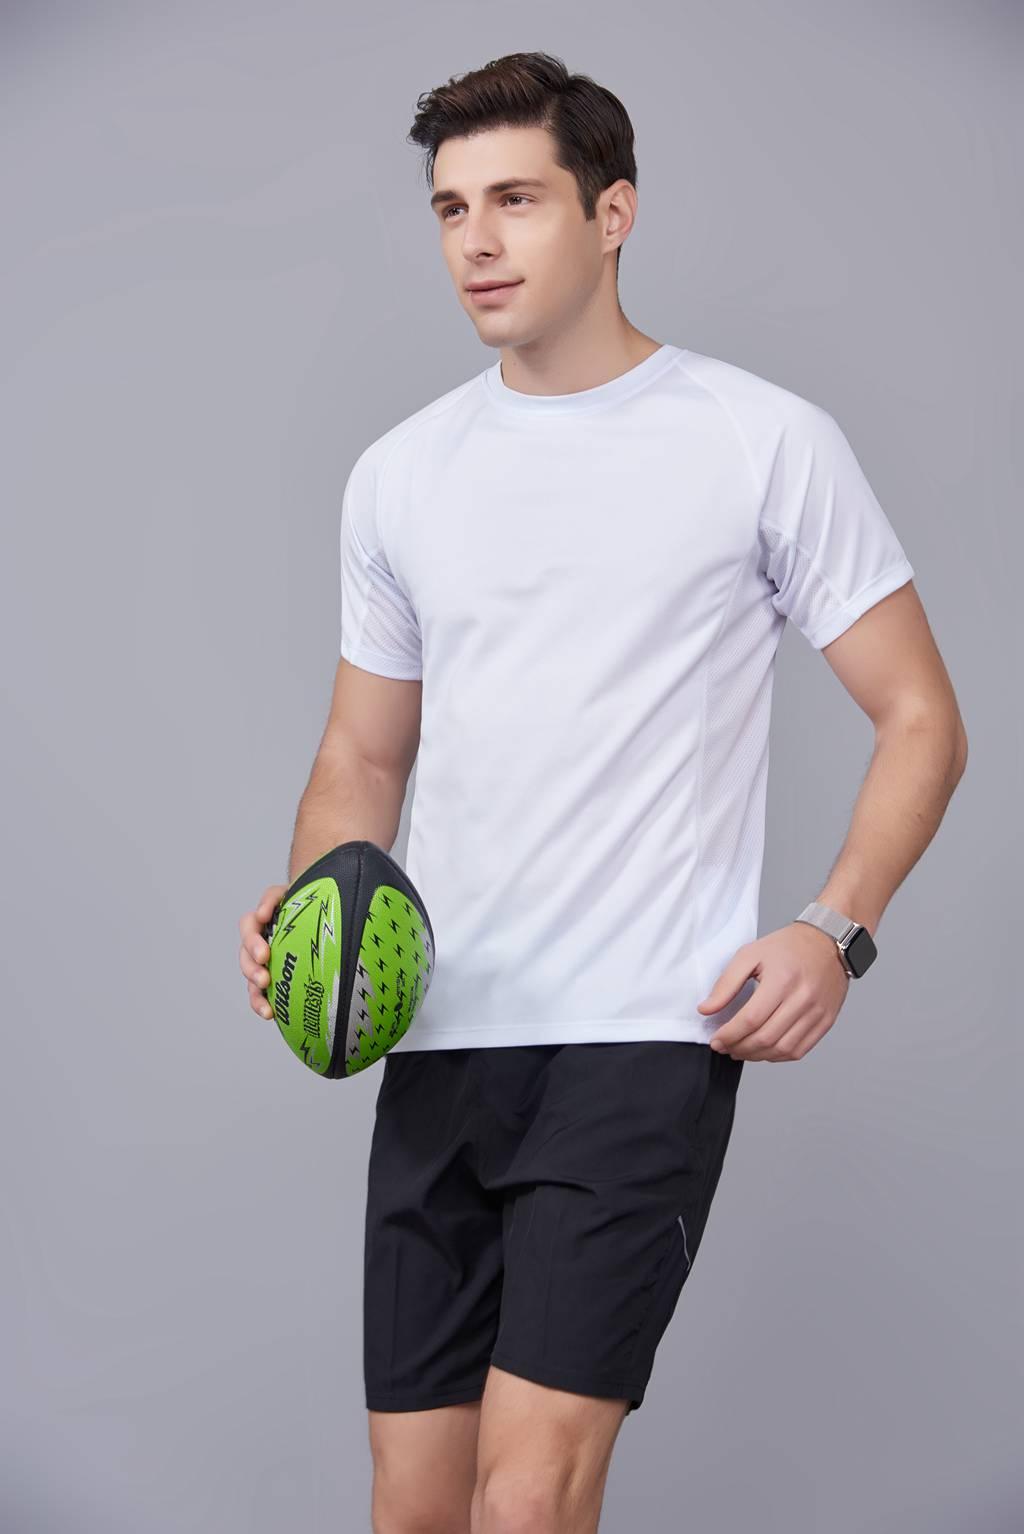 潮流T恤    2020新款短袖运动舒适速干衣 白色